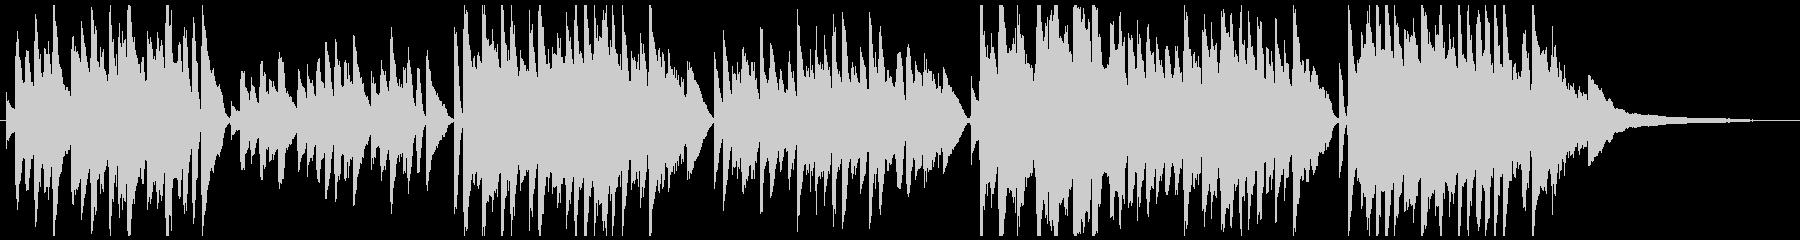 ビバルディ四季「春」シンプルなピアノソロの未再生の波形